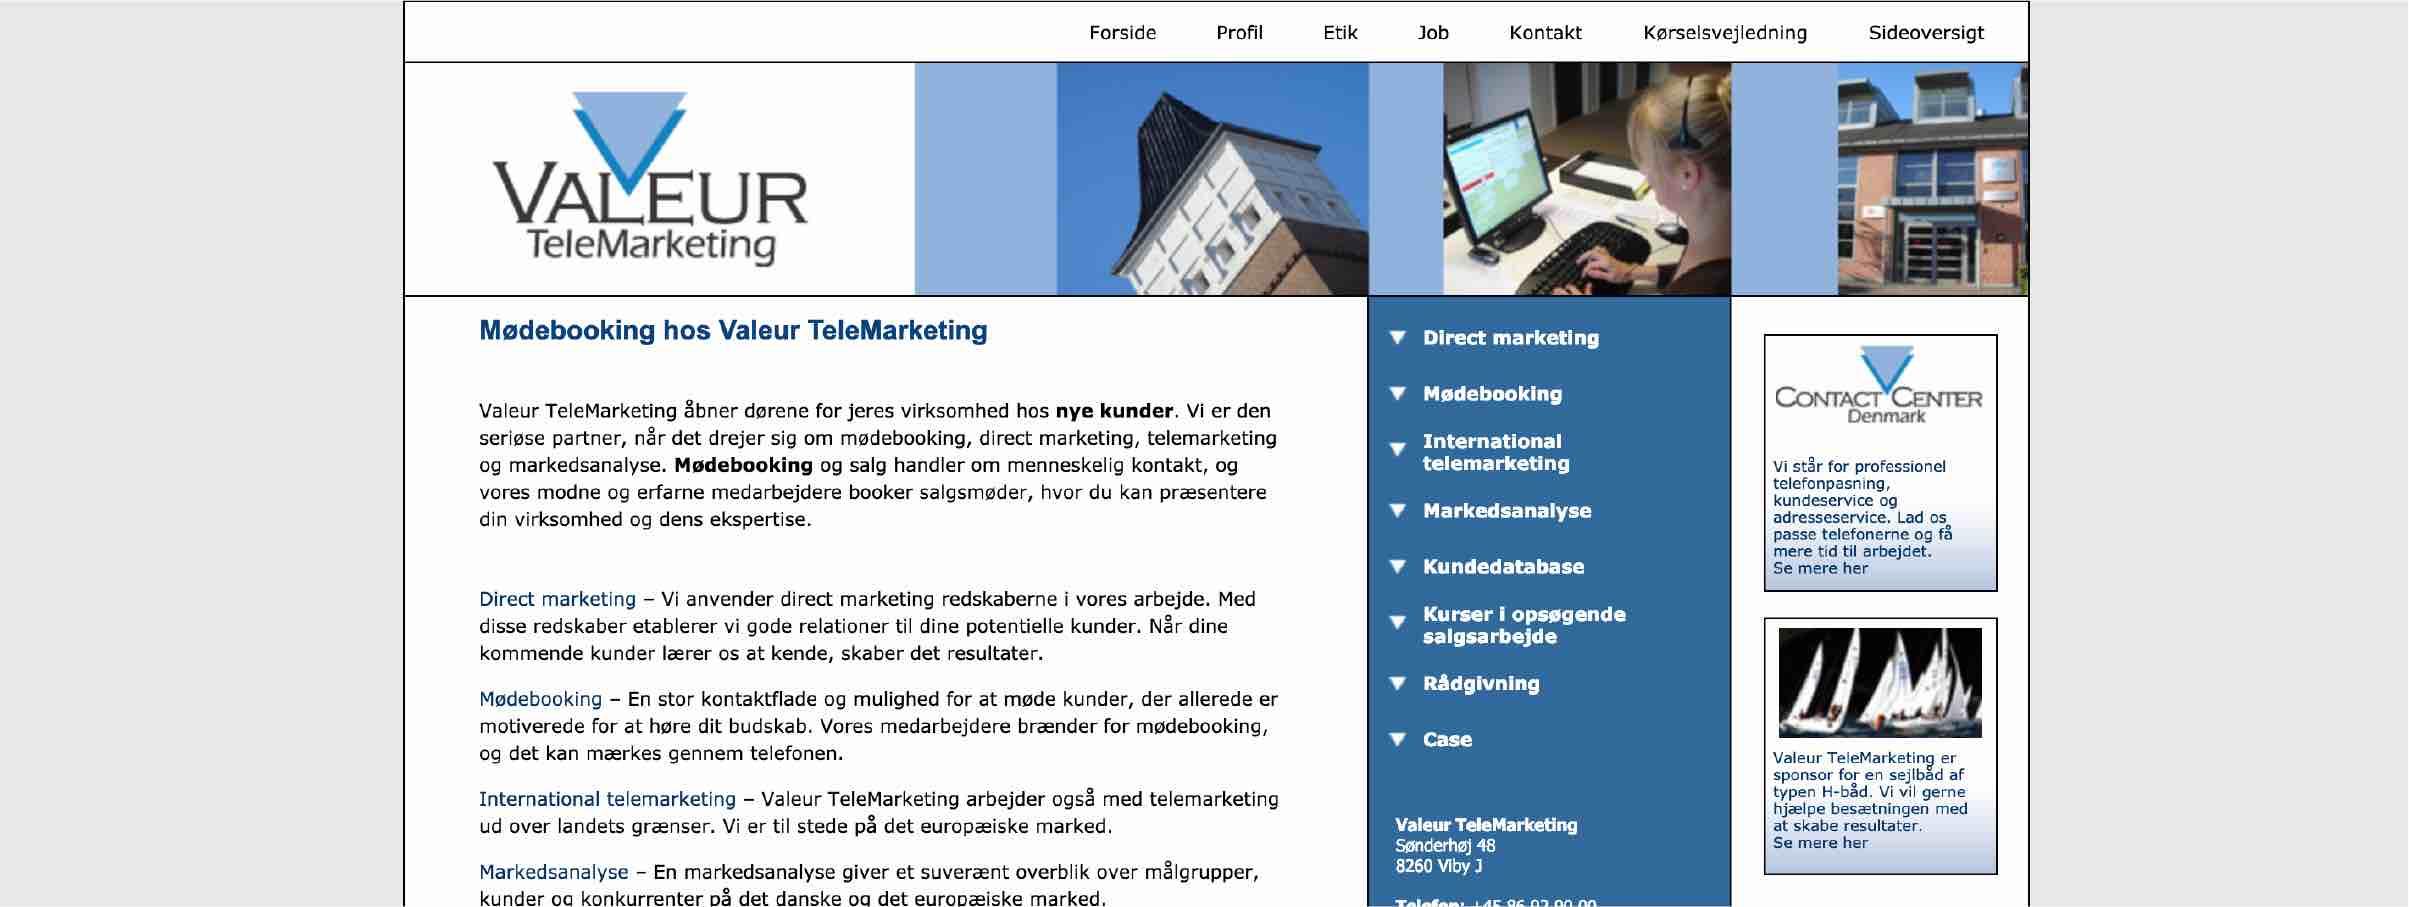 Valeurs hjemmeside fra 2005.